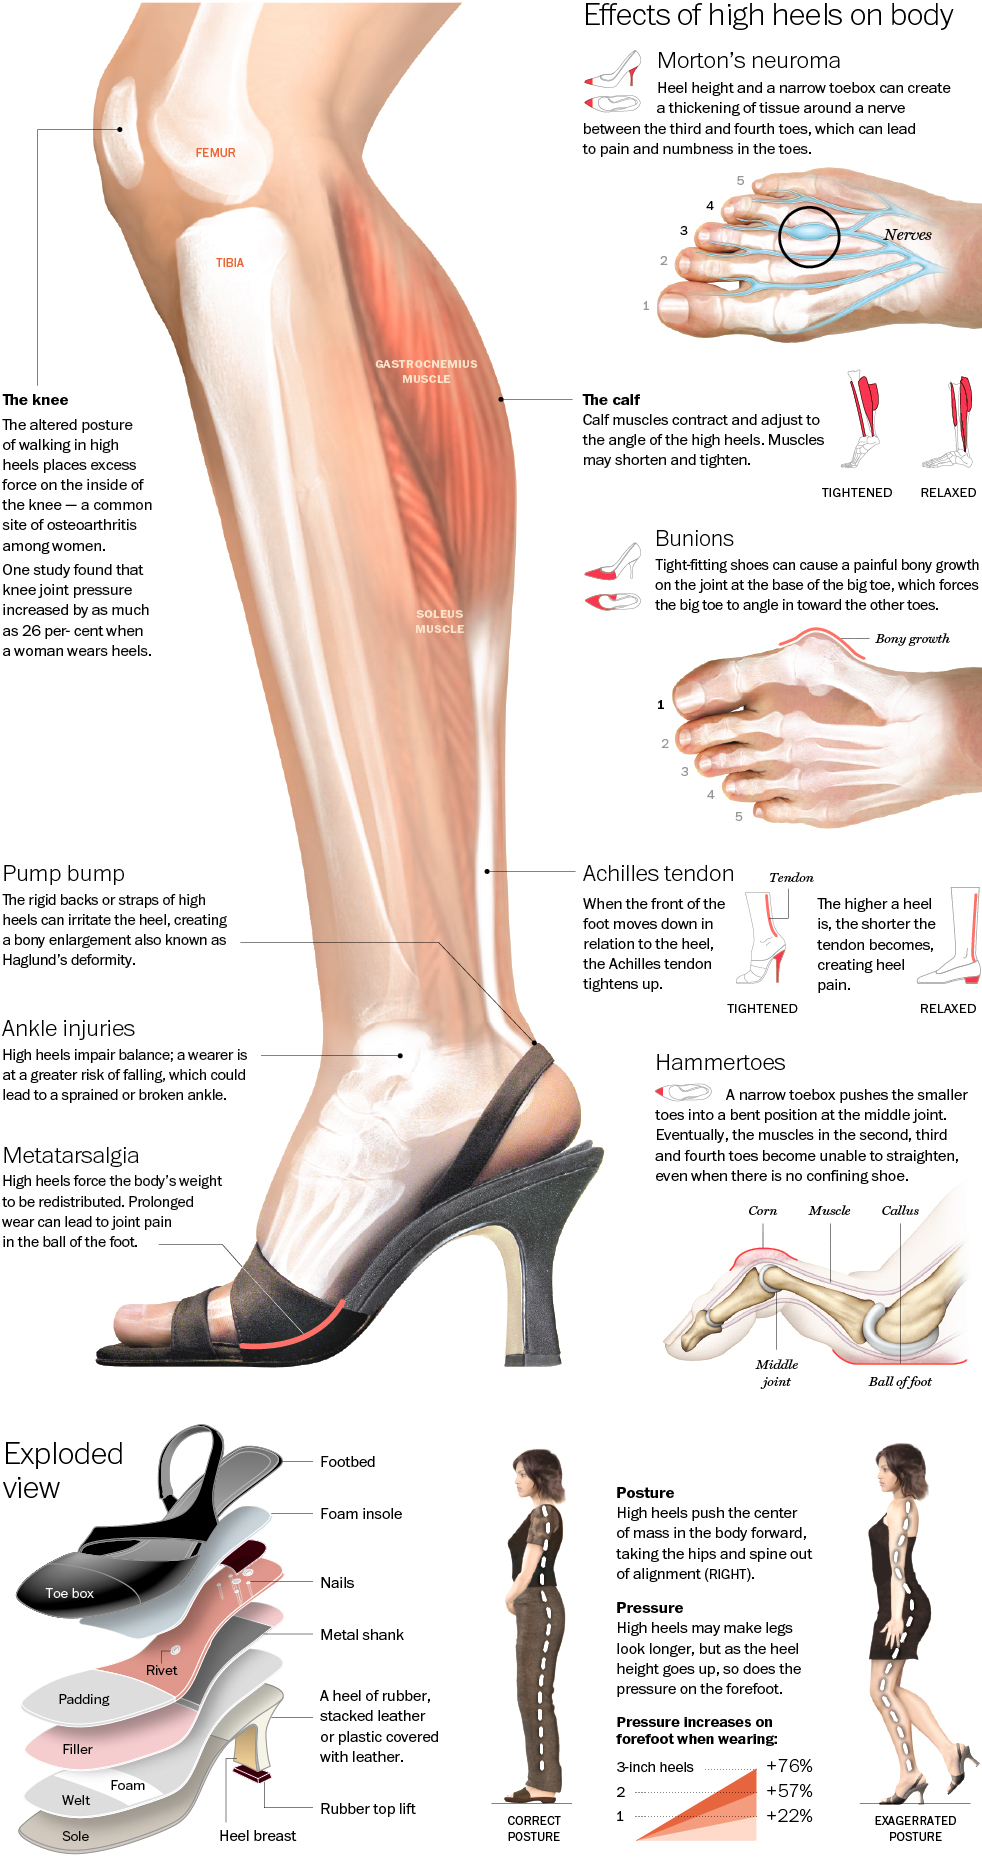 effect of high heels